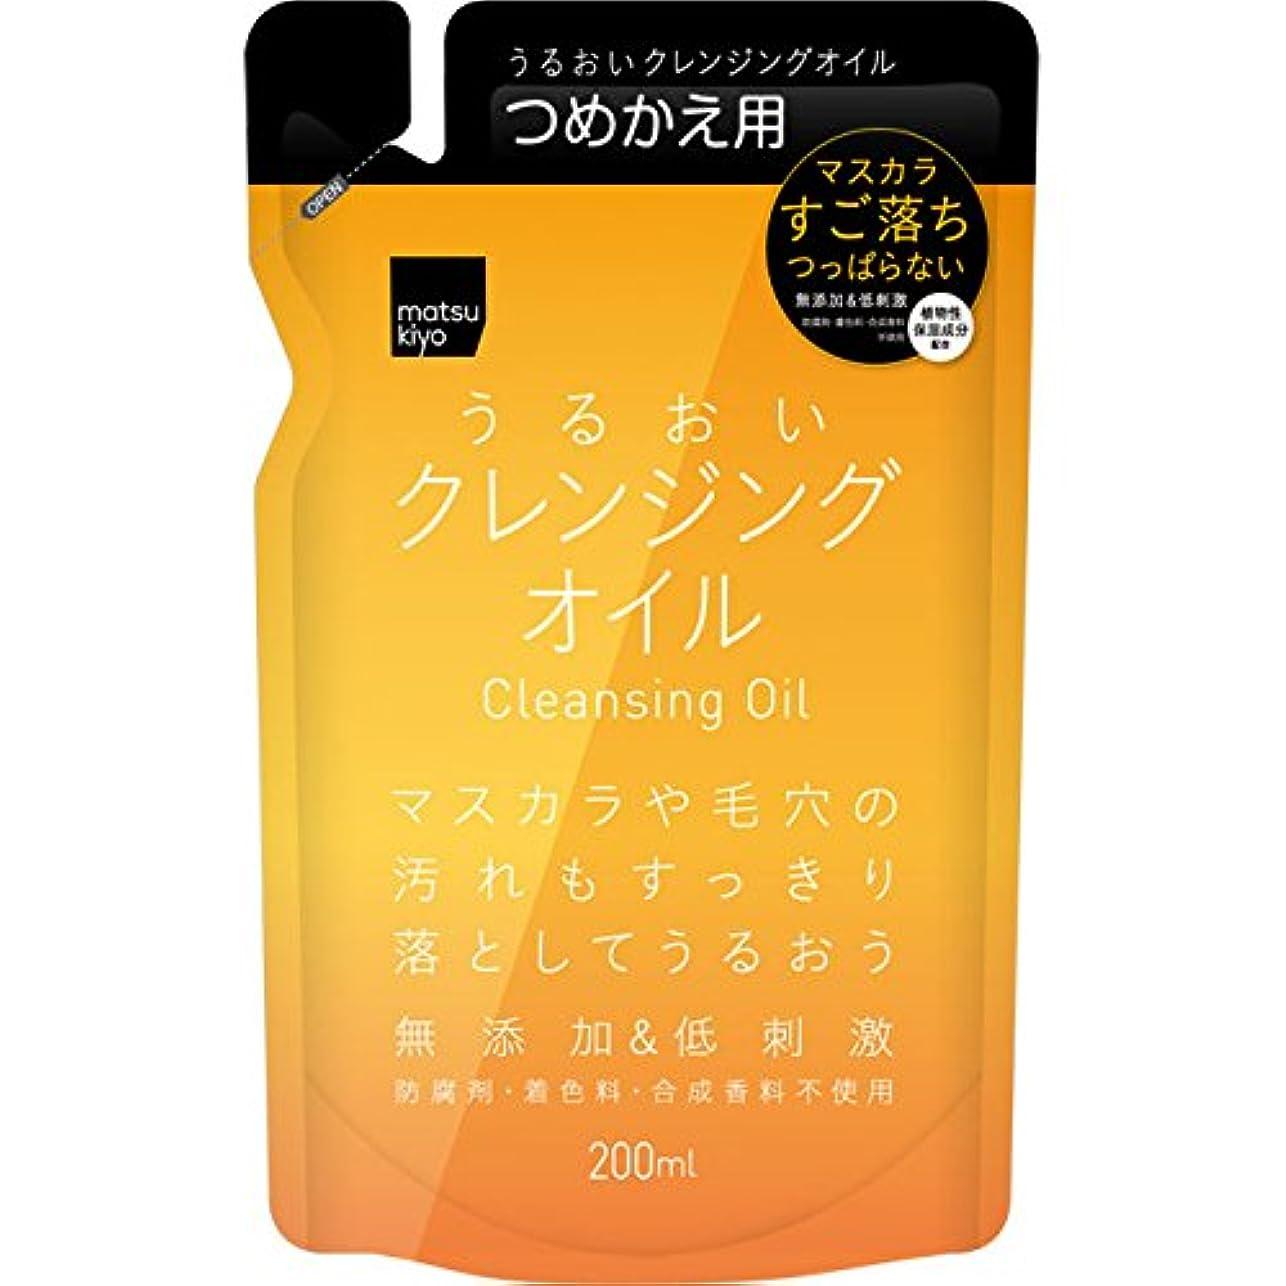 資金方程式指標matsukiyo うるおいクレンジングオイル 詰替 200ml詰替